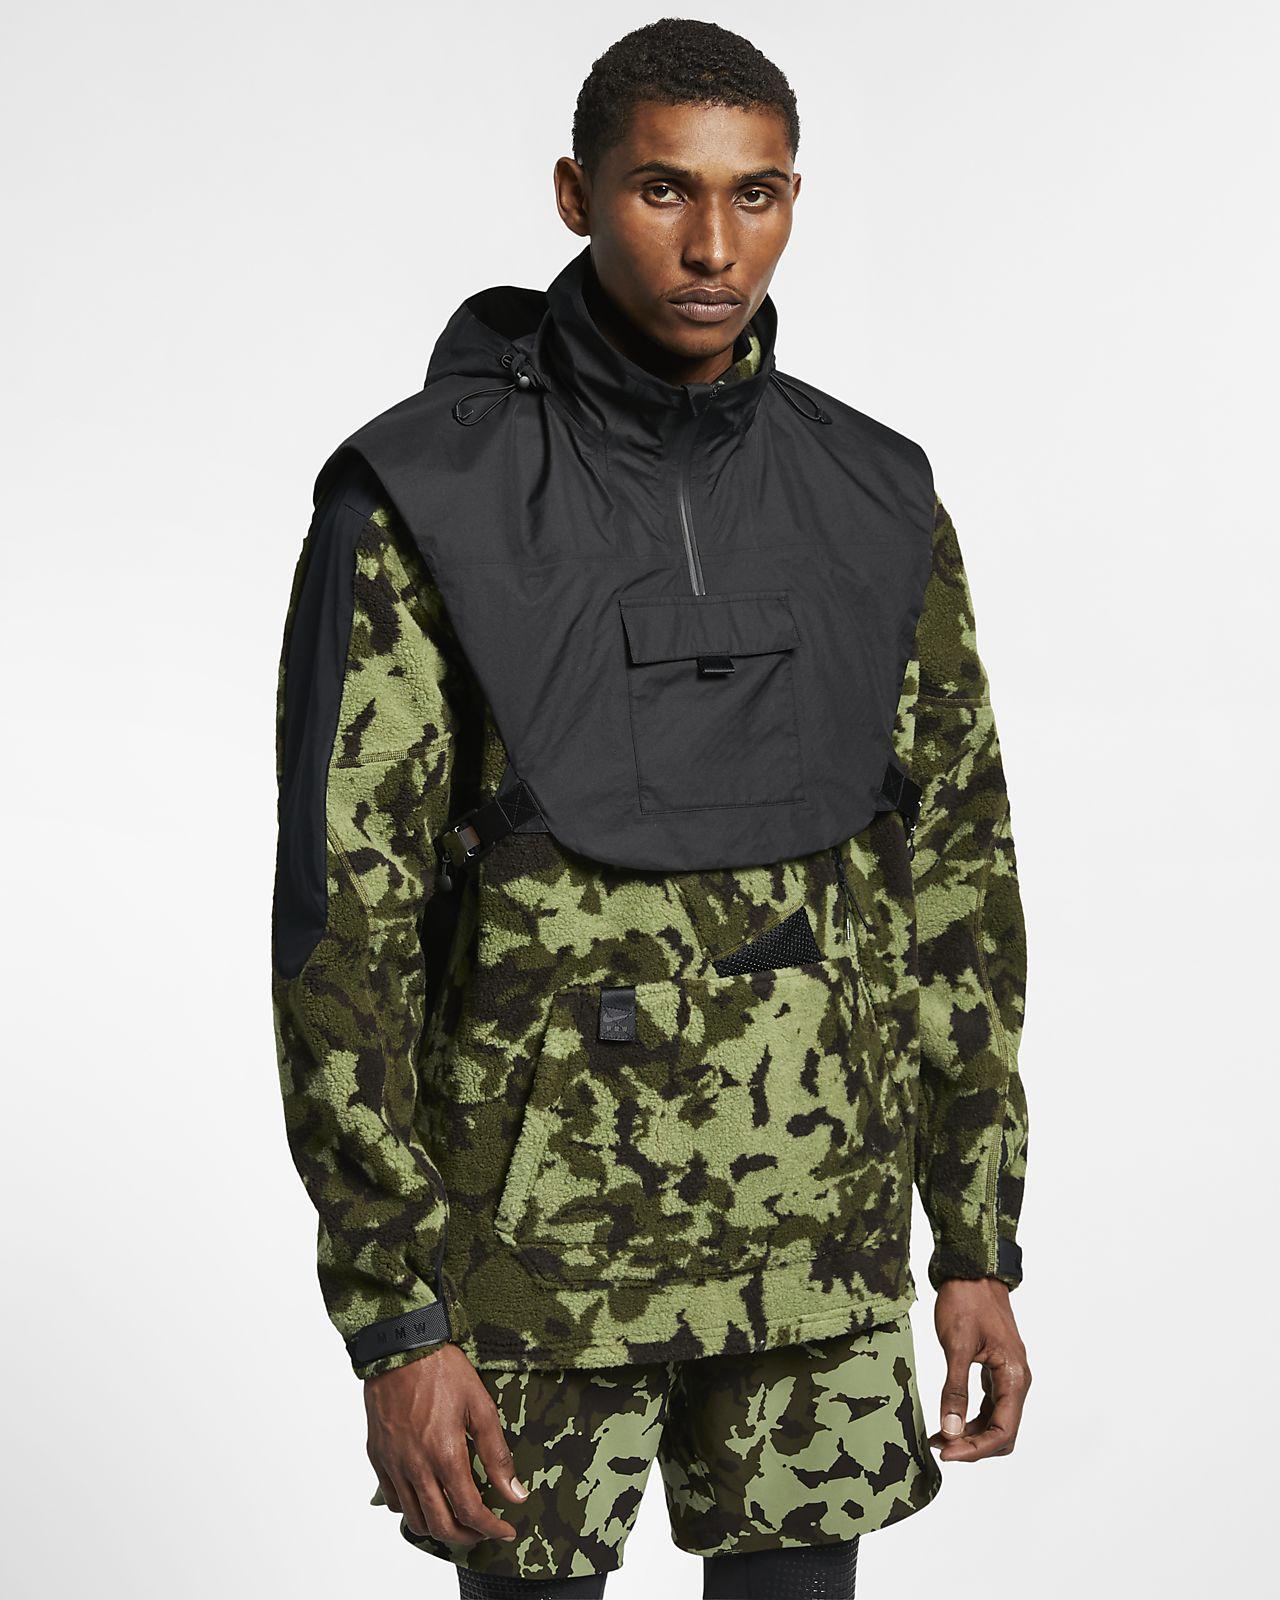 5d10982f4658 Nike x MMW Men s Hooded Fleece Jacket. Nike.com GB